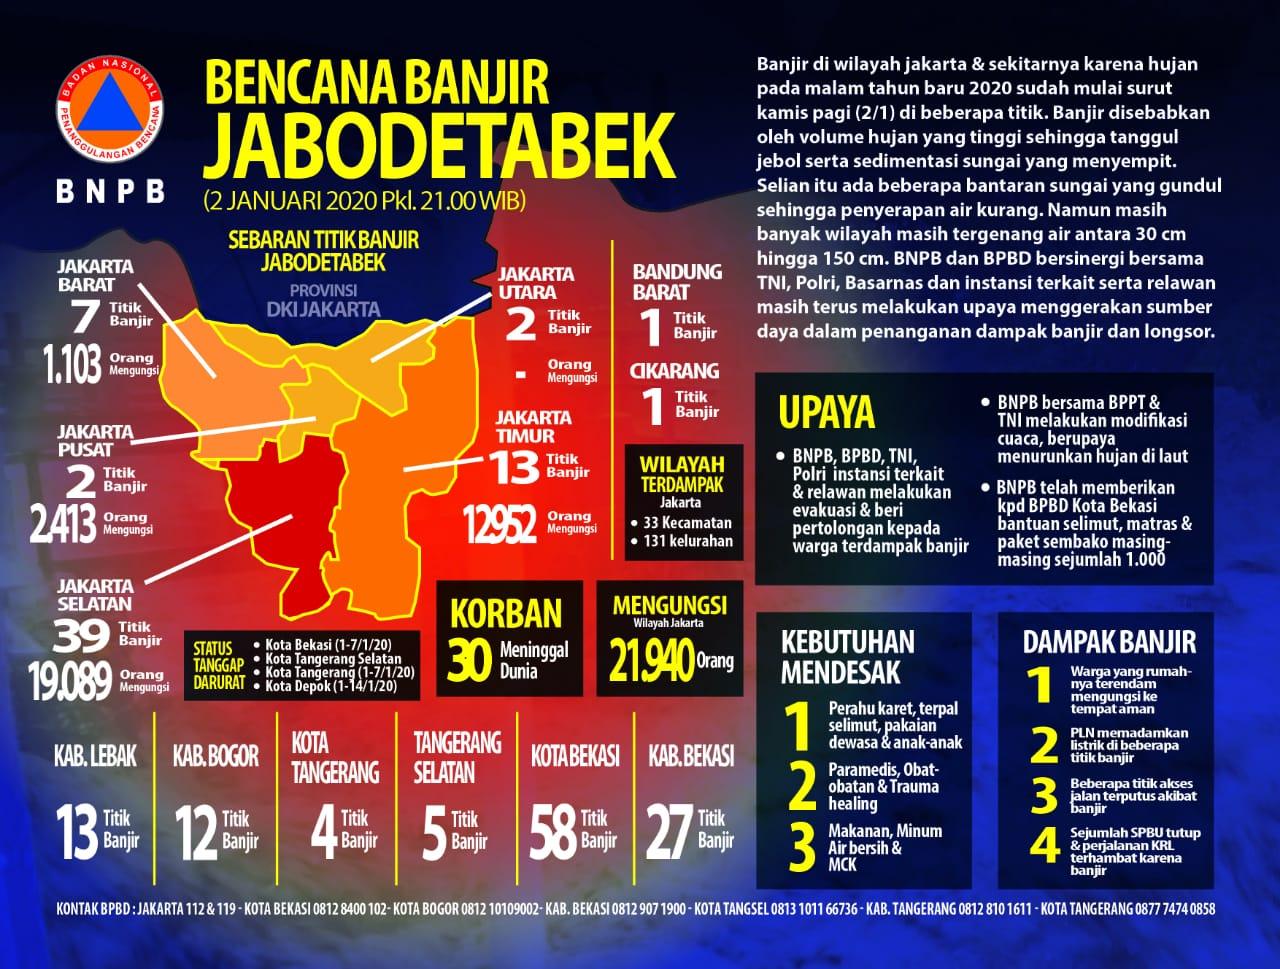 Kepala BNPB Imbau Masyarakat Yang Tinggal di DAS Waspada Potensi Hujan Ekstrem 113